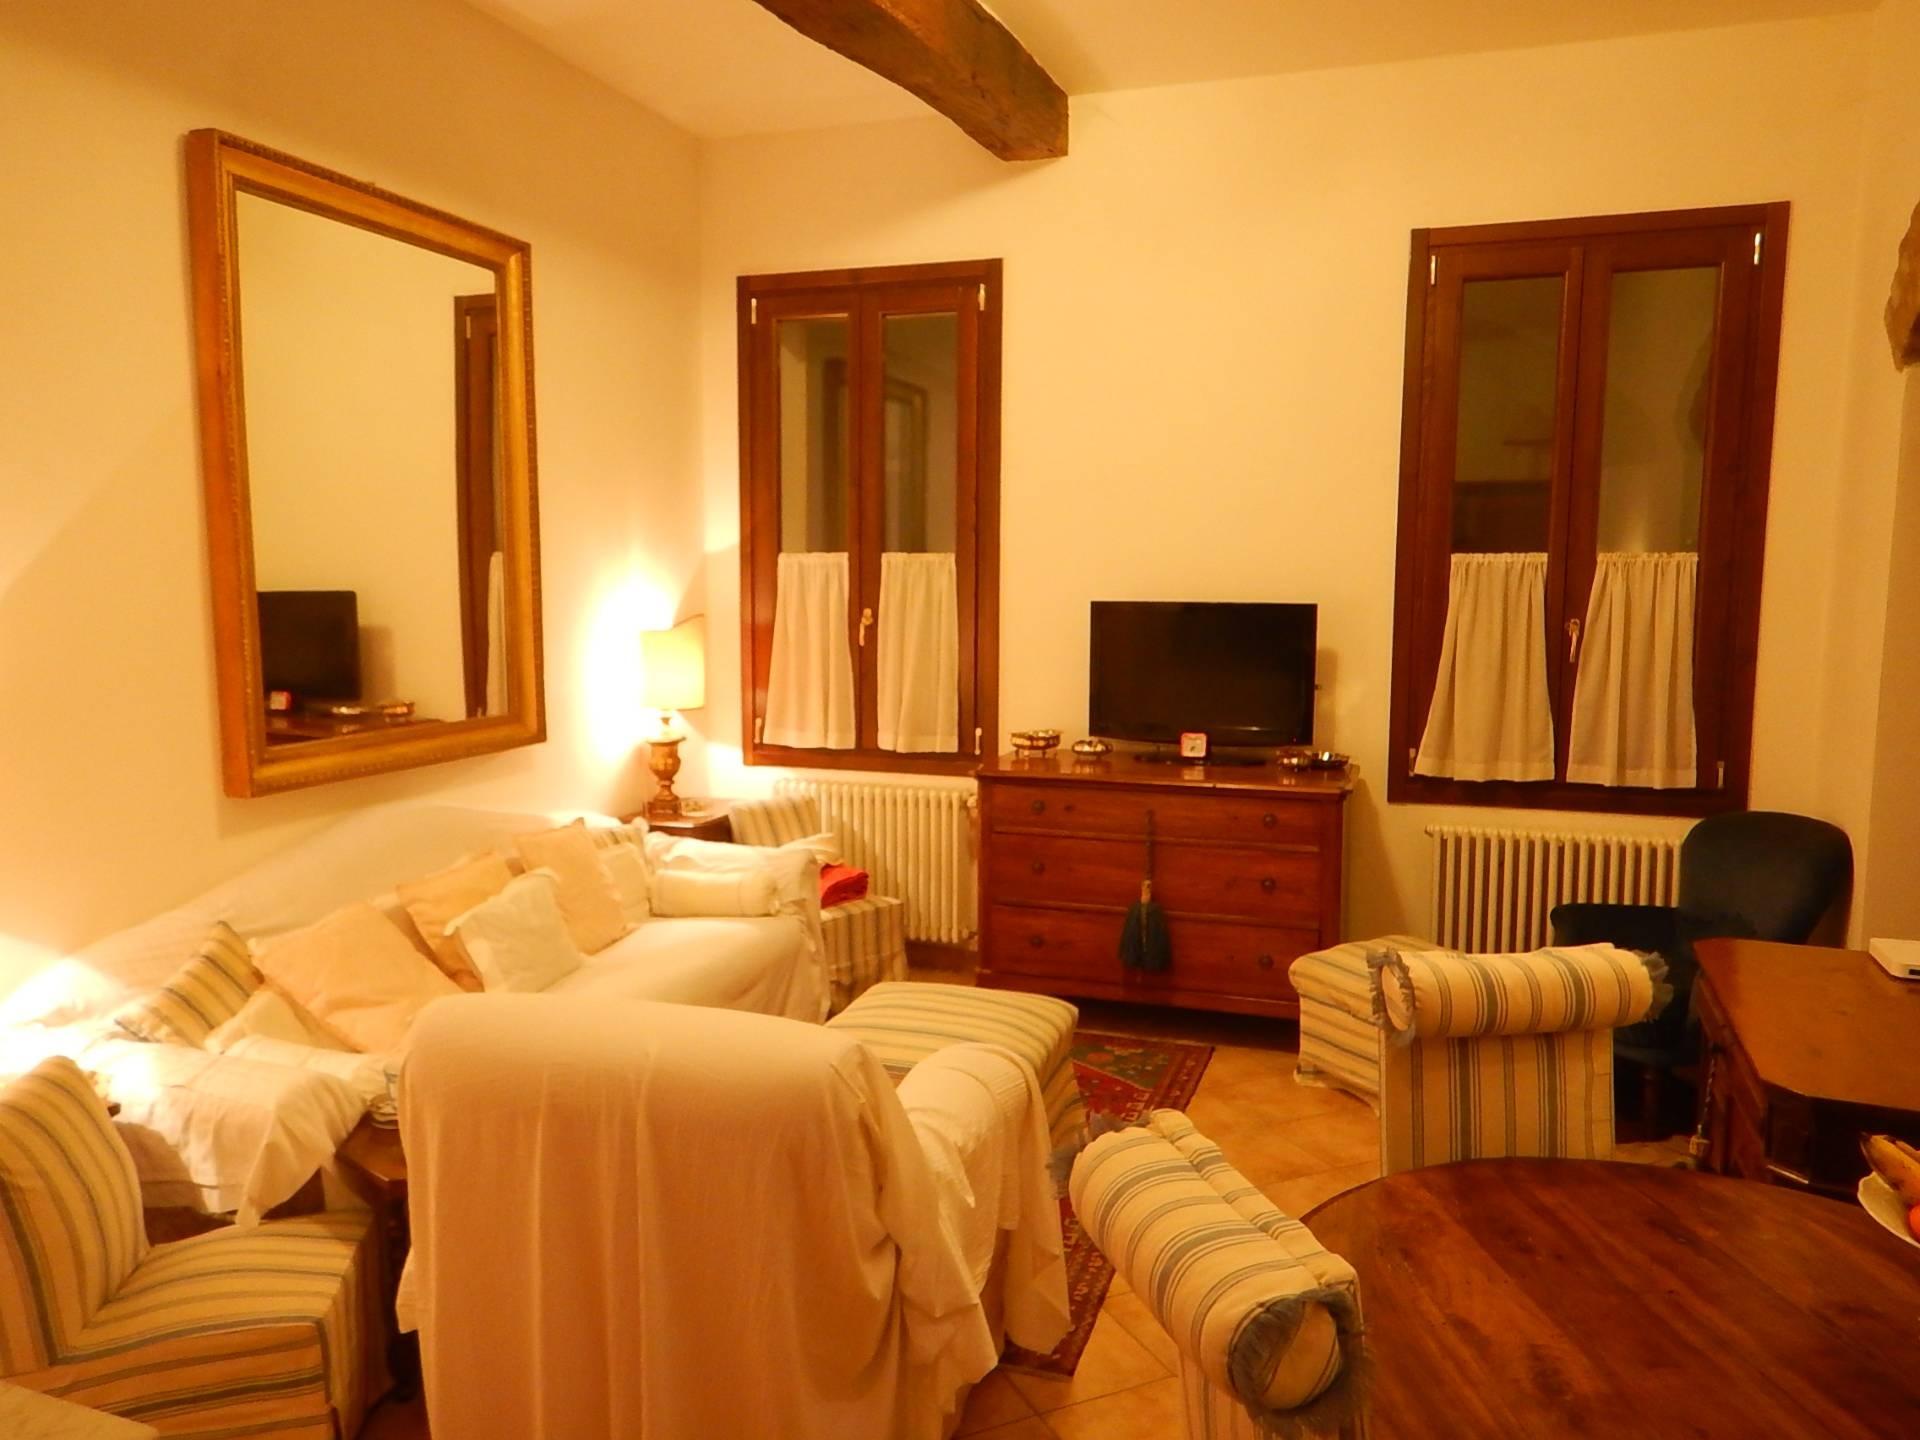 Appartamento in affitto a Ferrara, 3 locali, zona Località: Centrostorico, prezzo € 700 | CambioCasa.it